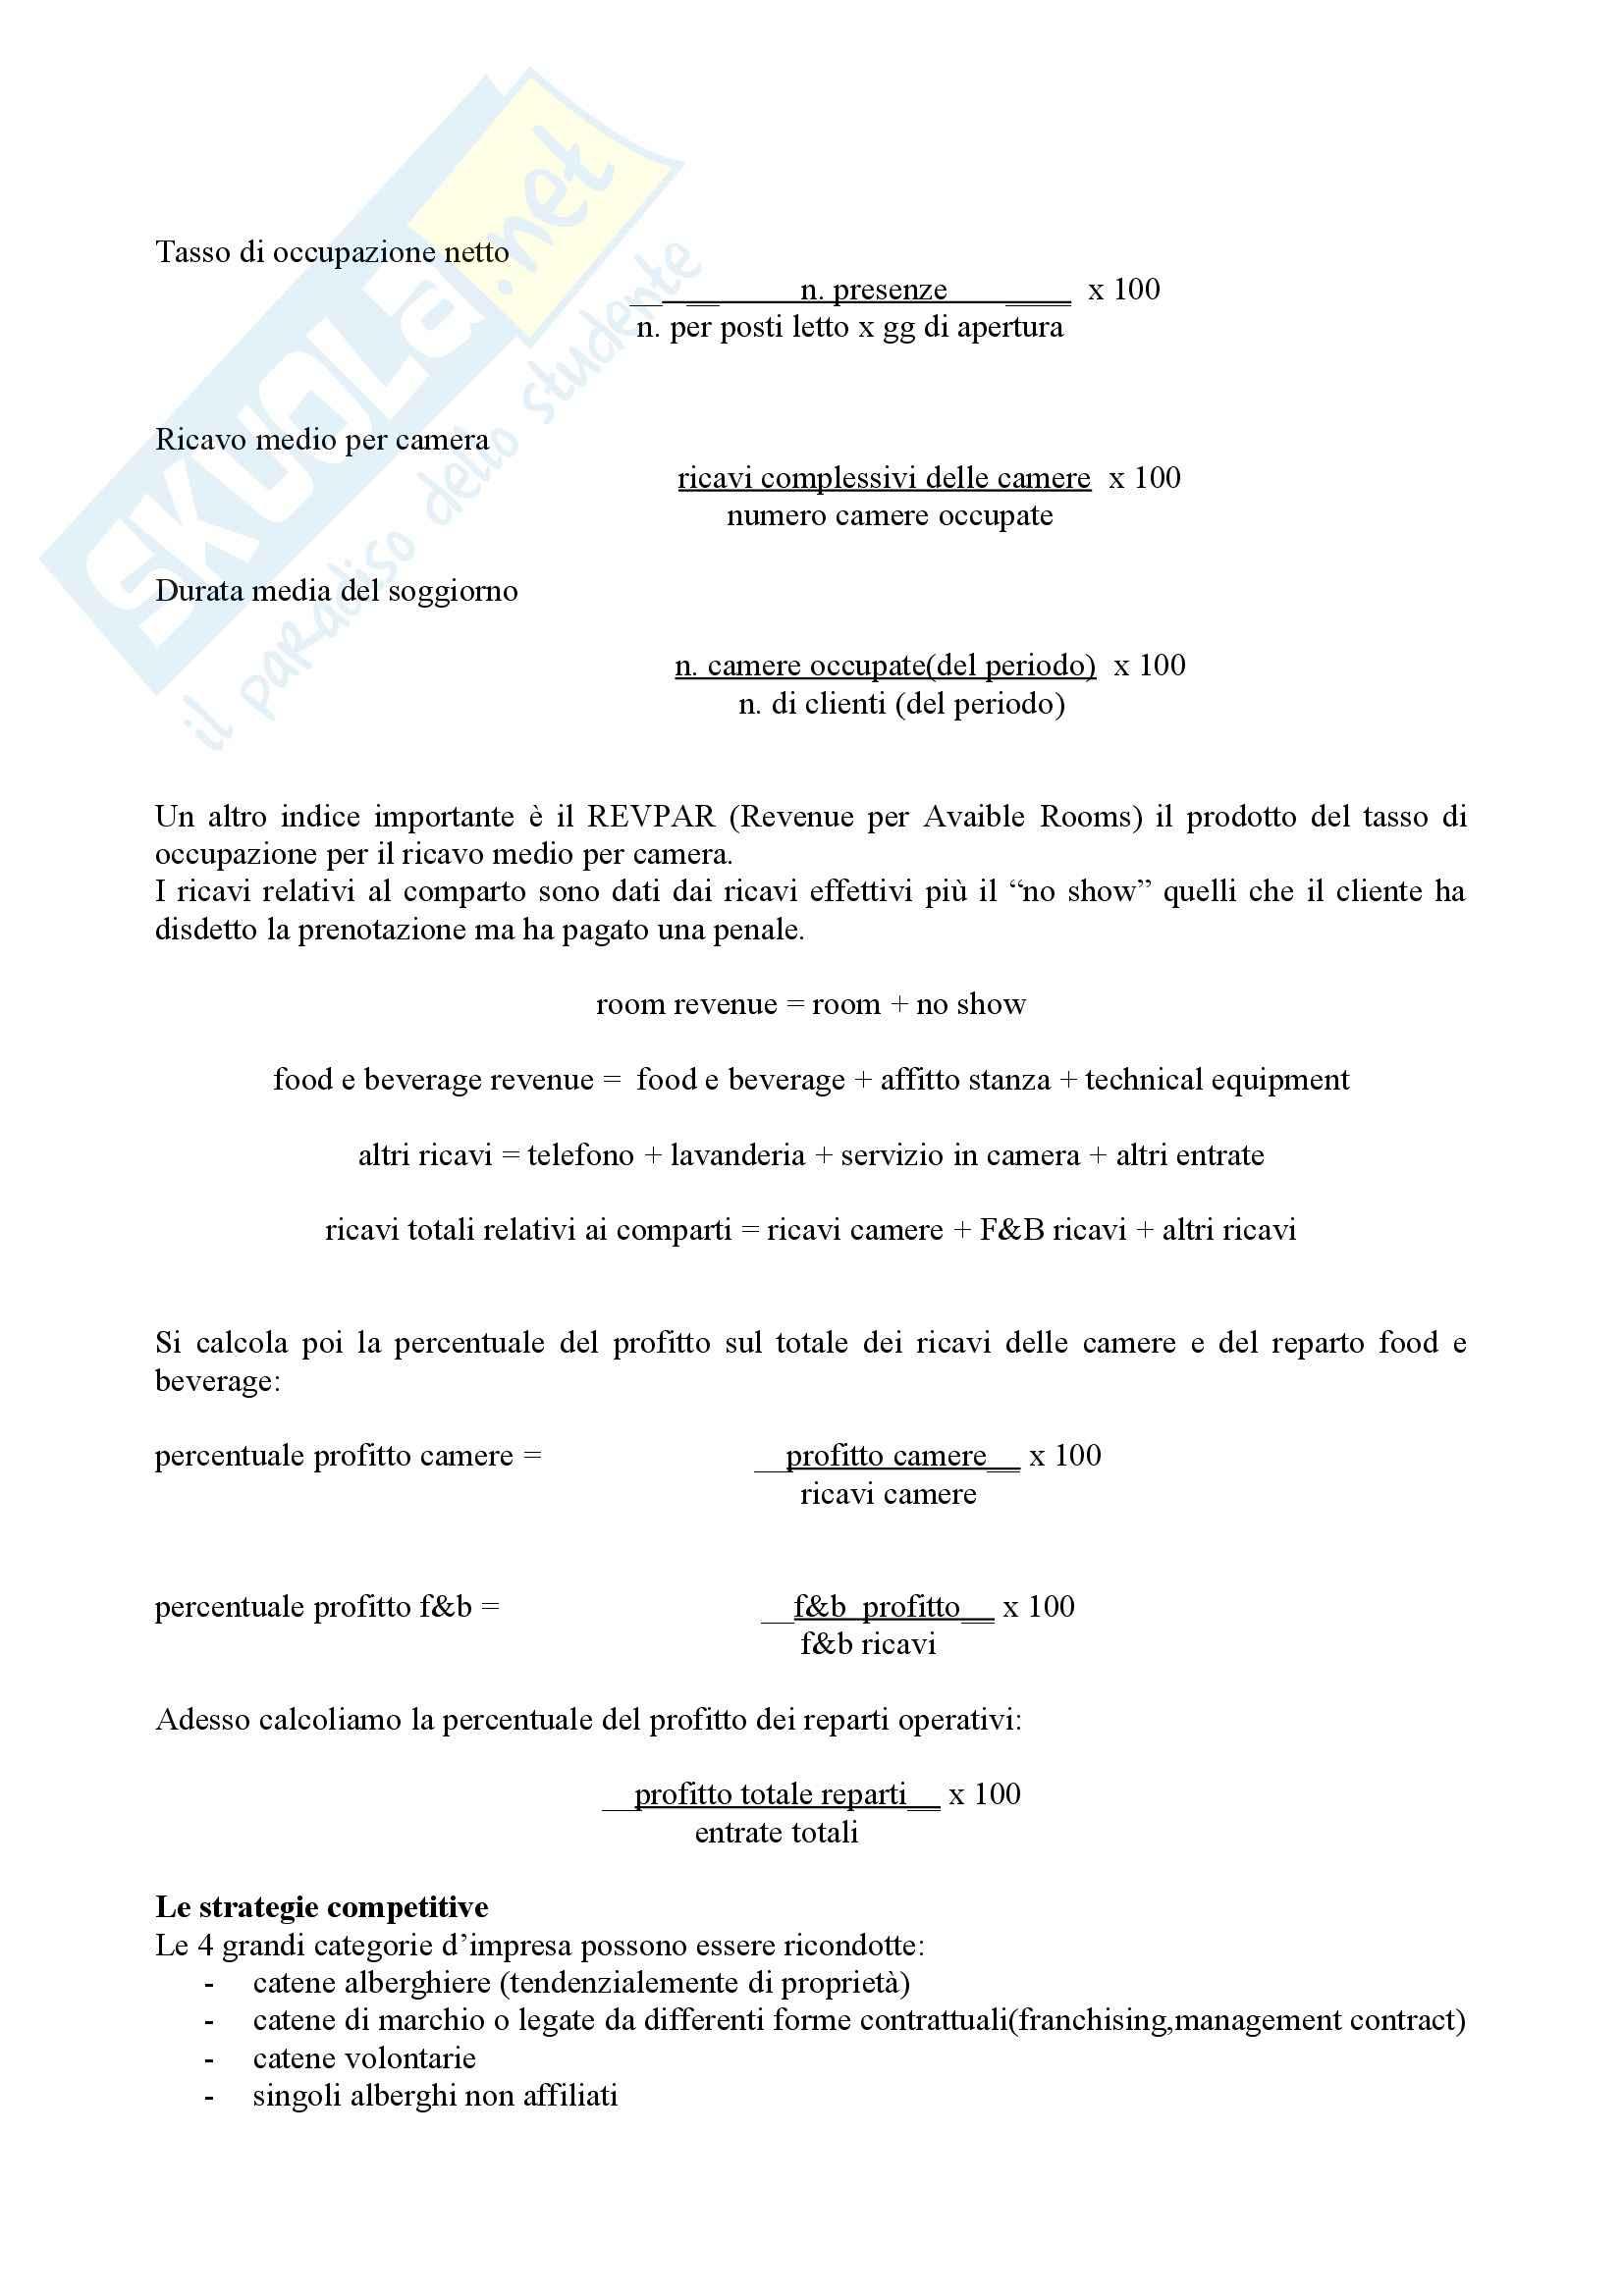 Economia e gestione delle aziende turistiche - Appunti Pag. 16